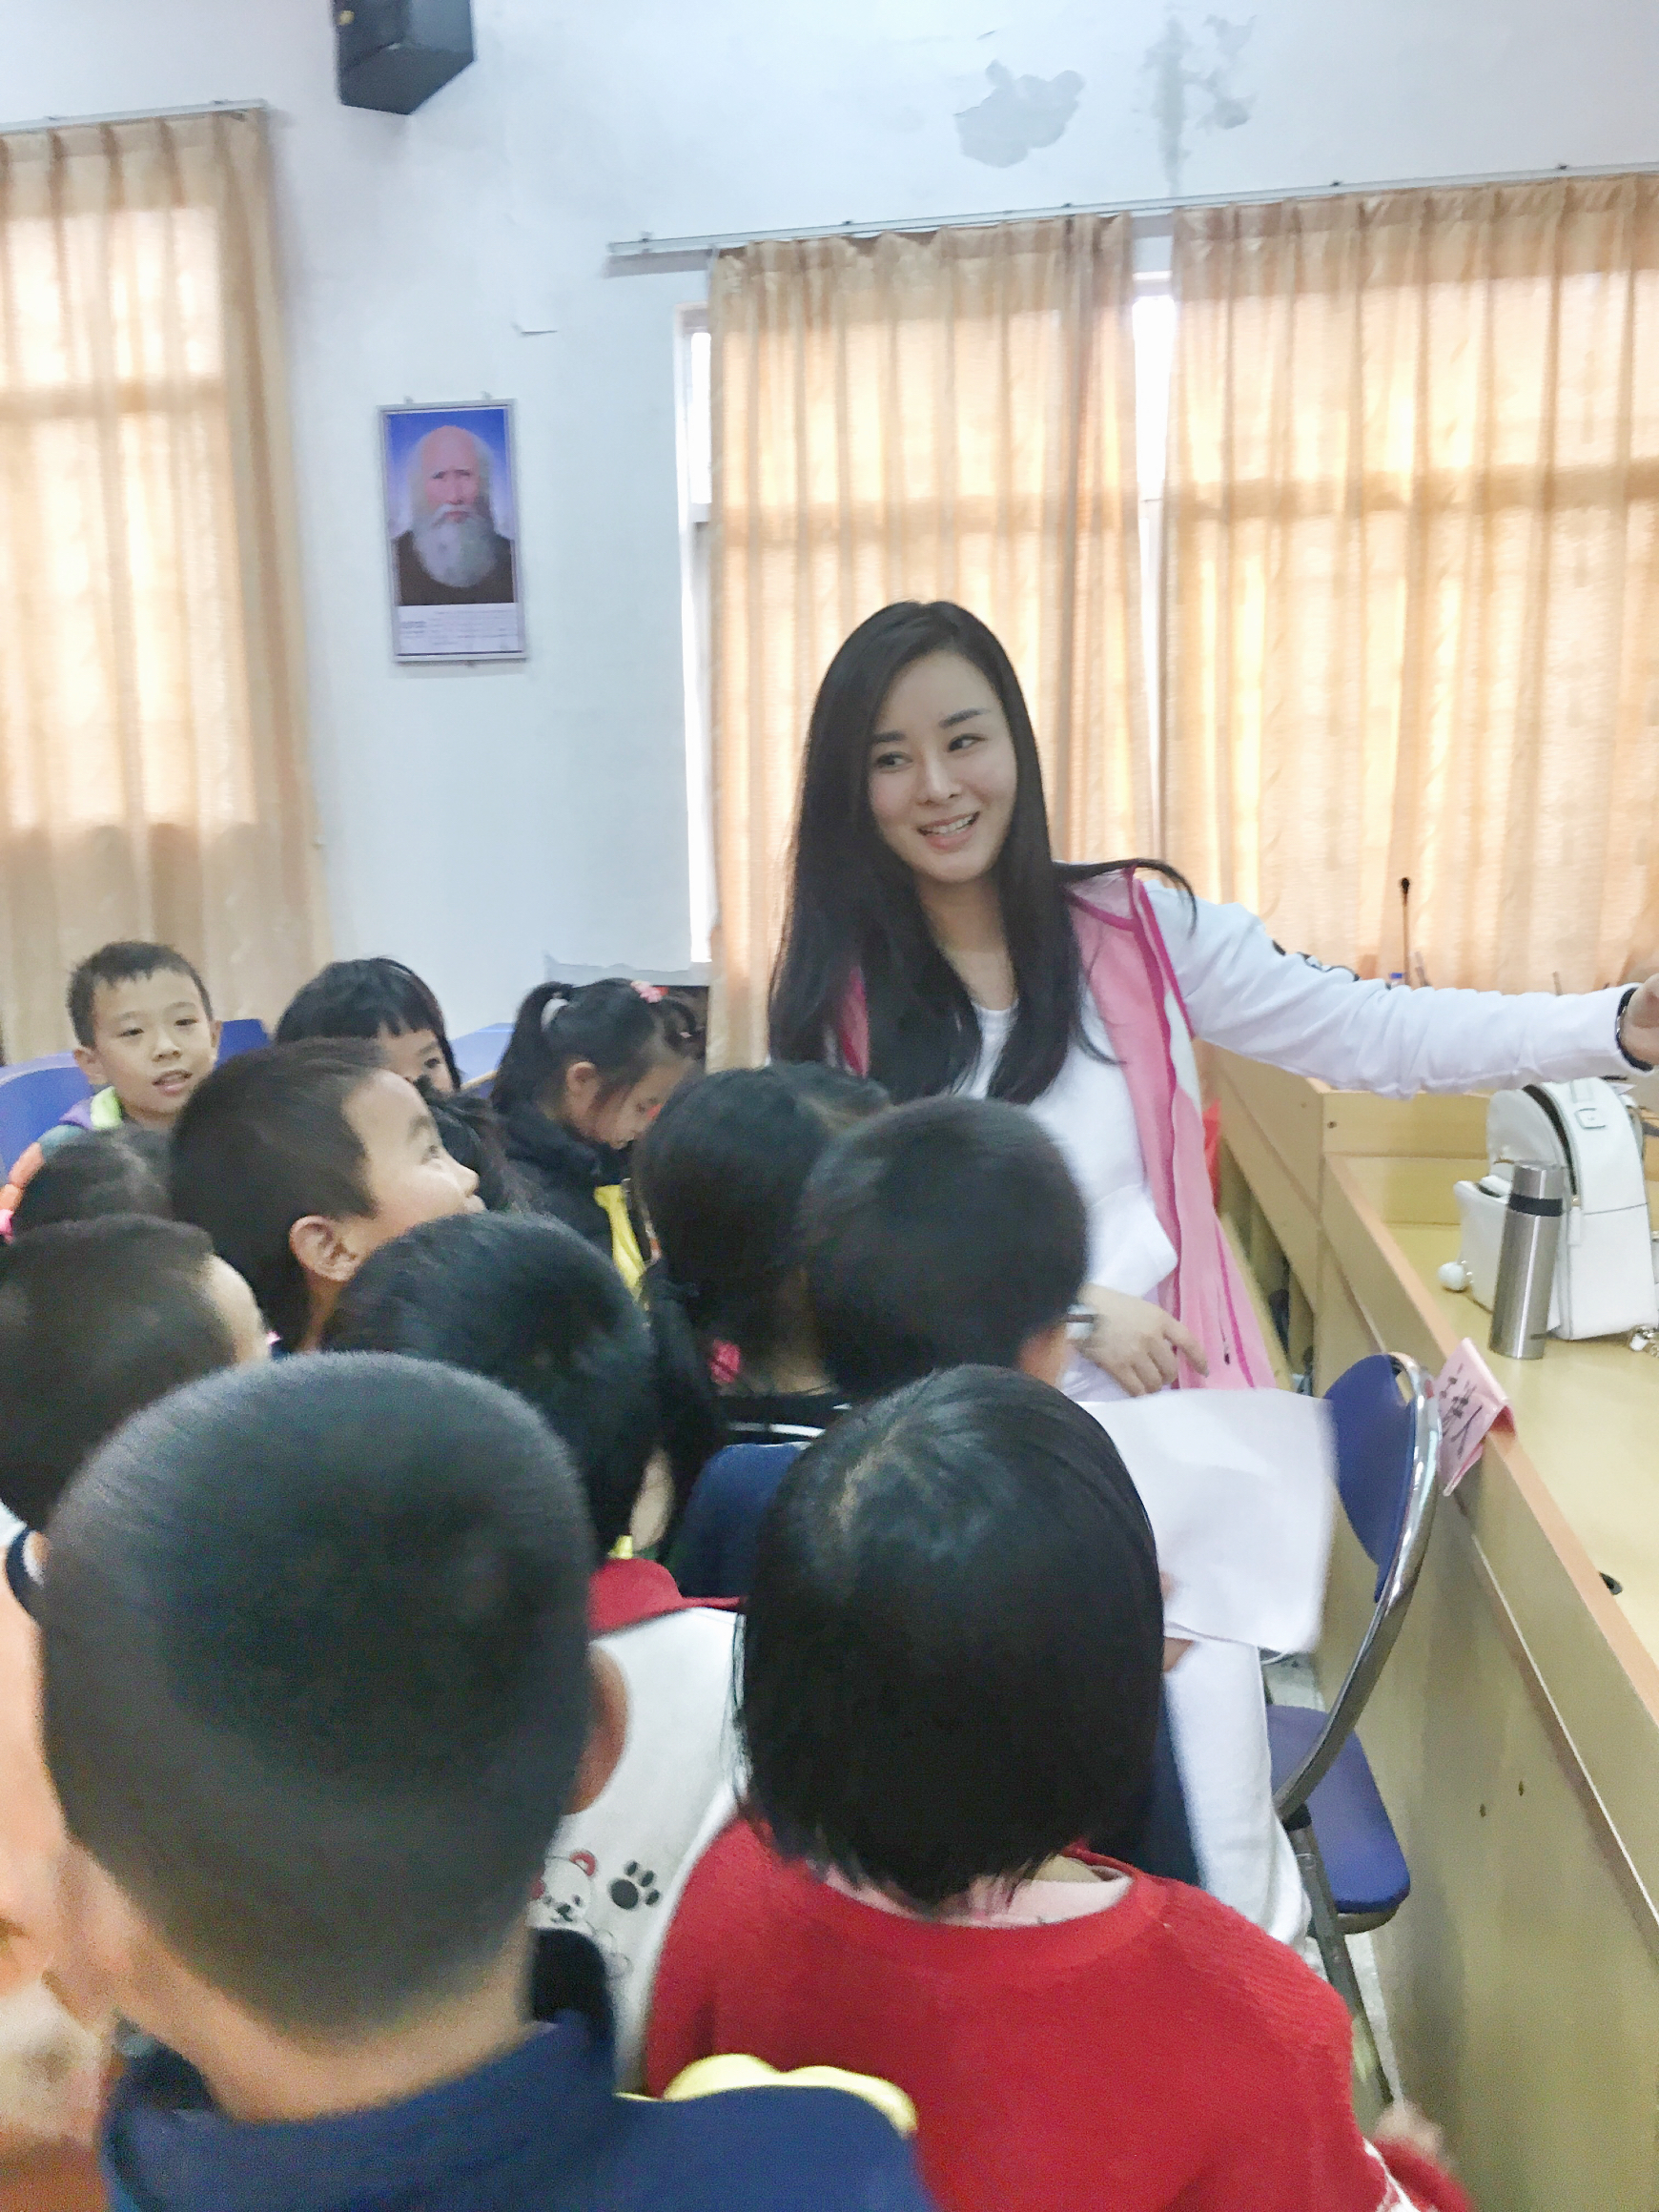 游小青老师浅谈乡村支教,它必将成为我一生的财富!记住责任!